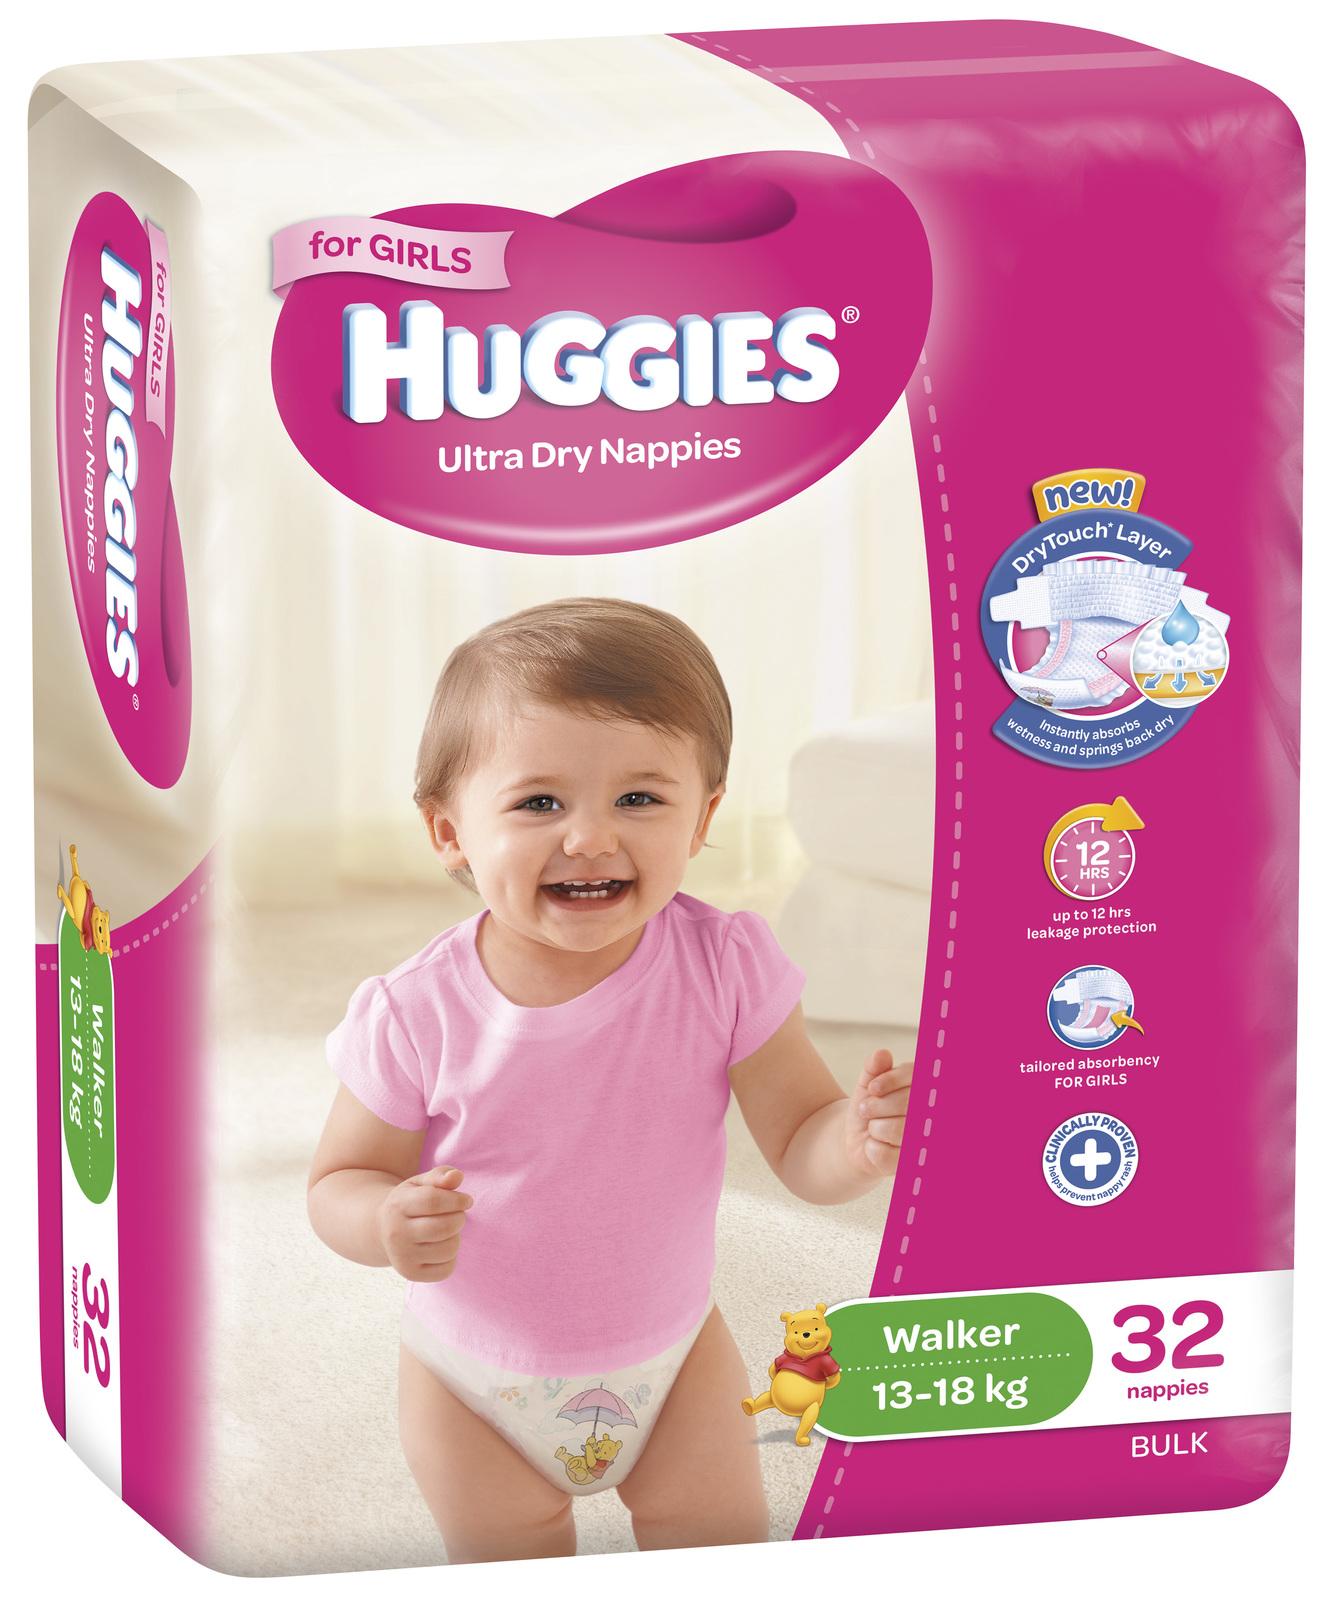 buy huggies nappies bulk walker 13 18kg 32 at mighty ape nz